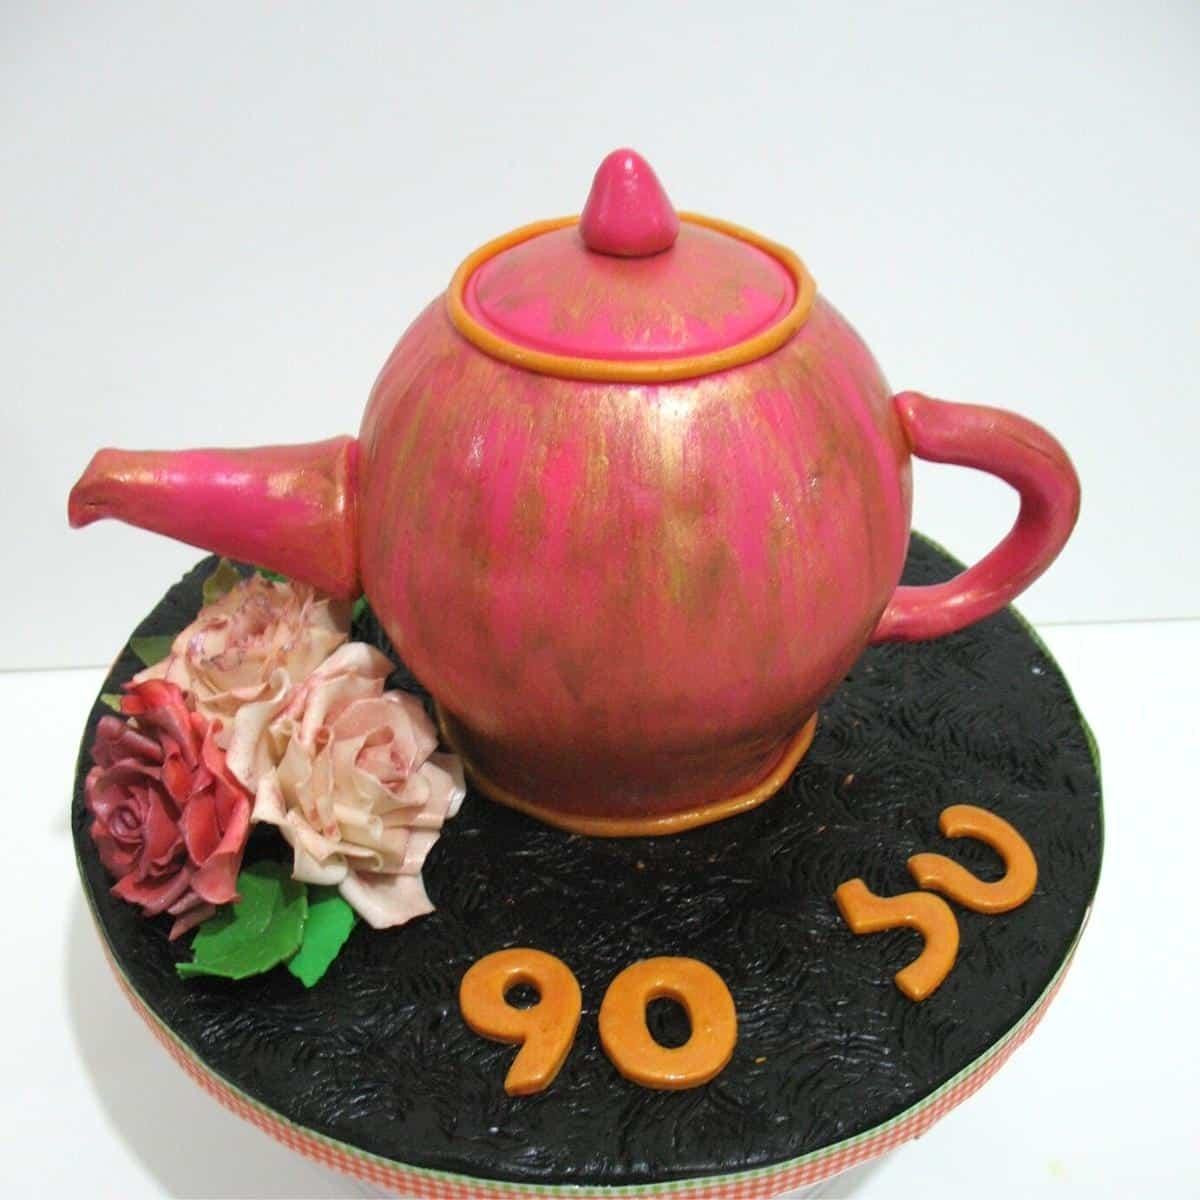 A decorating cake - teapot